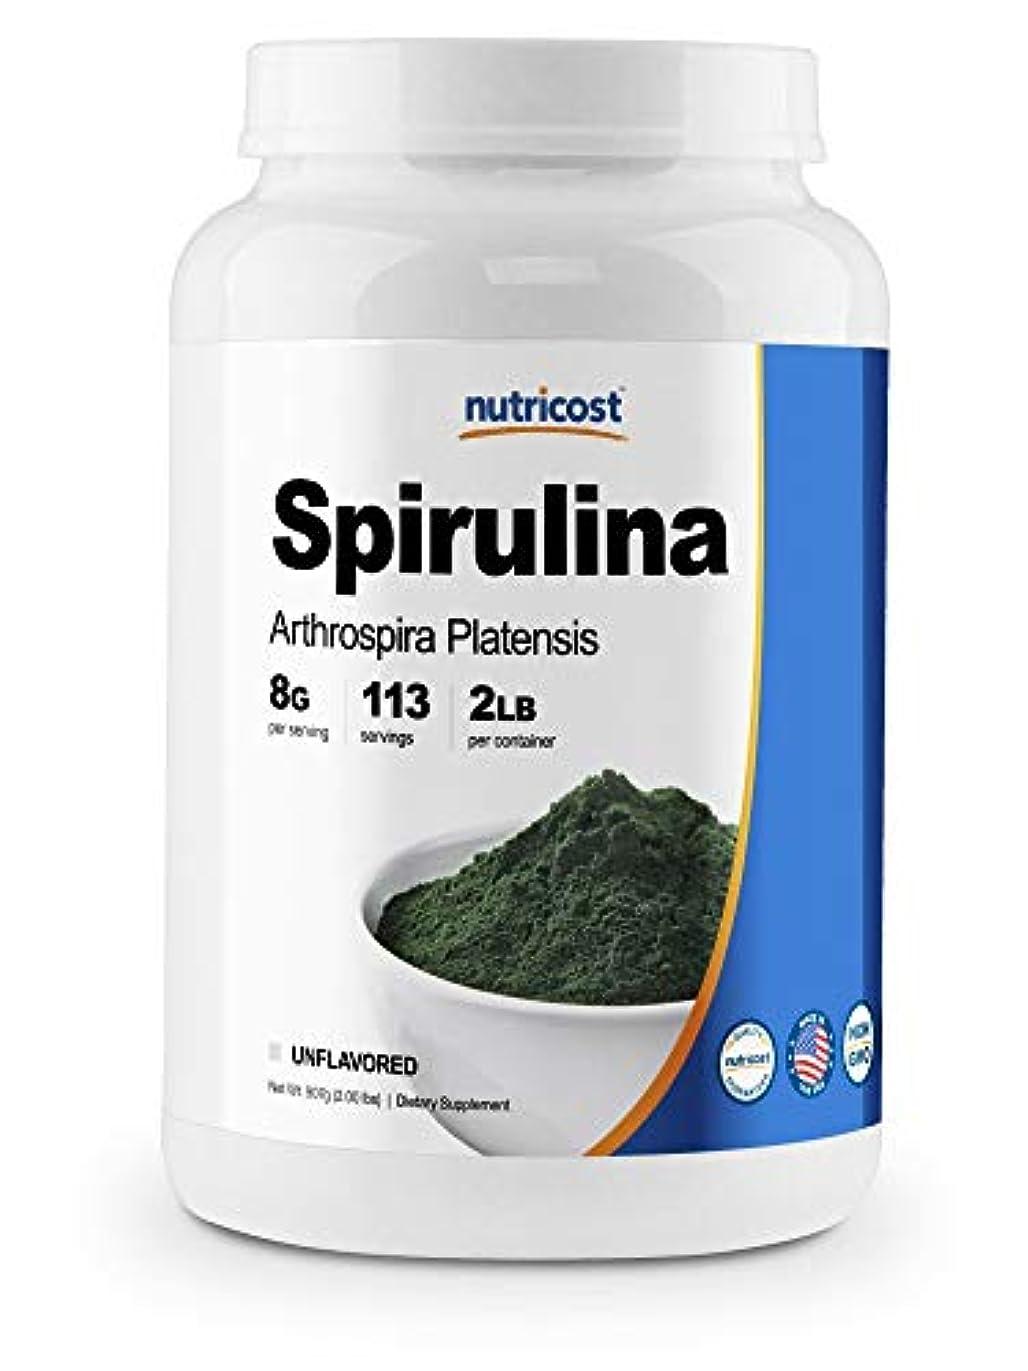 信仰活発我慢するNutricost スピルリナパウダー2ポンド - サービングごとの純粋な、良質のスピルリナ8000mg